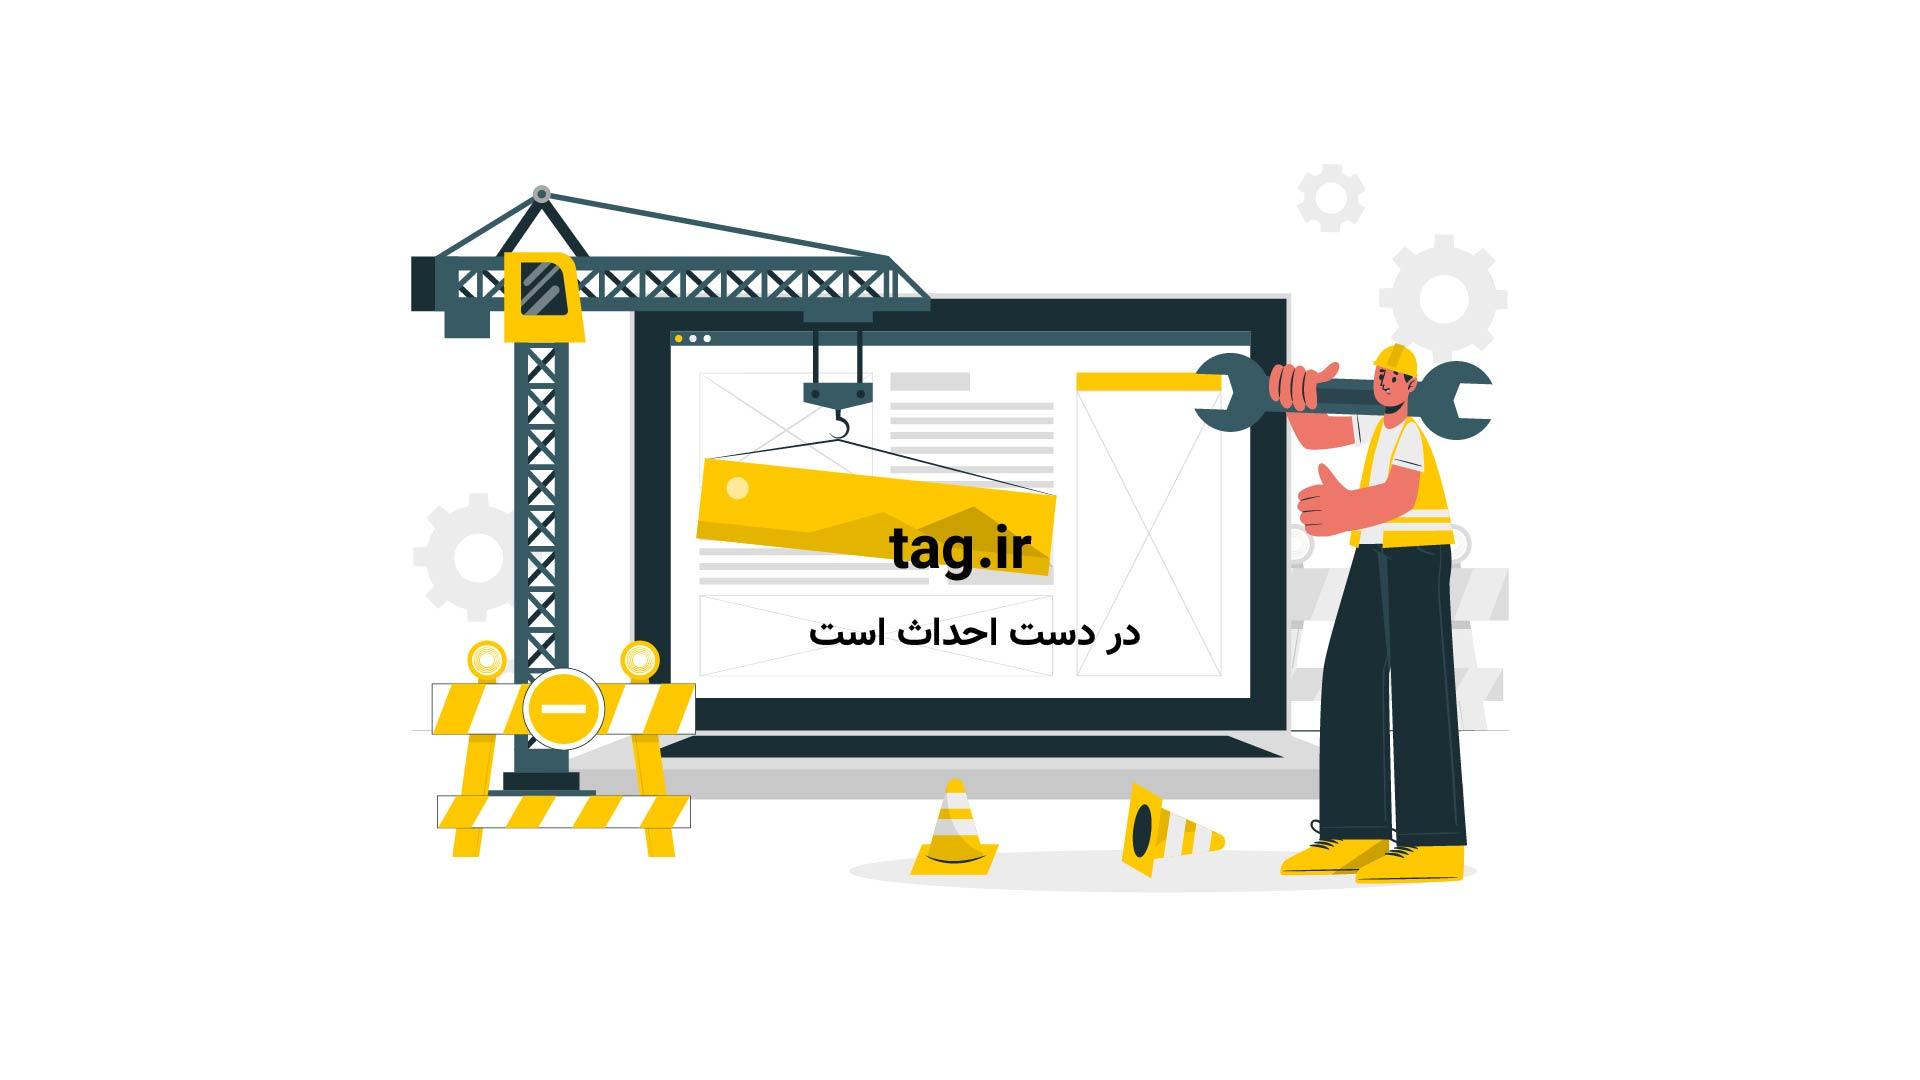 آموزش درست کردن دوچرخه اسباب بازی با مقوا و وسایل ساده | فیلم